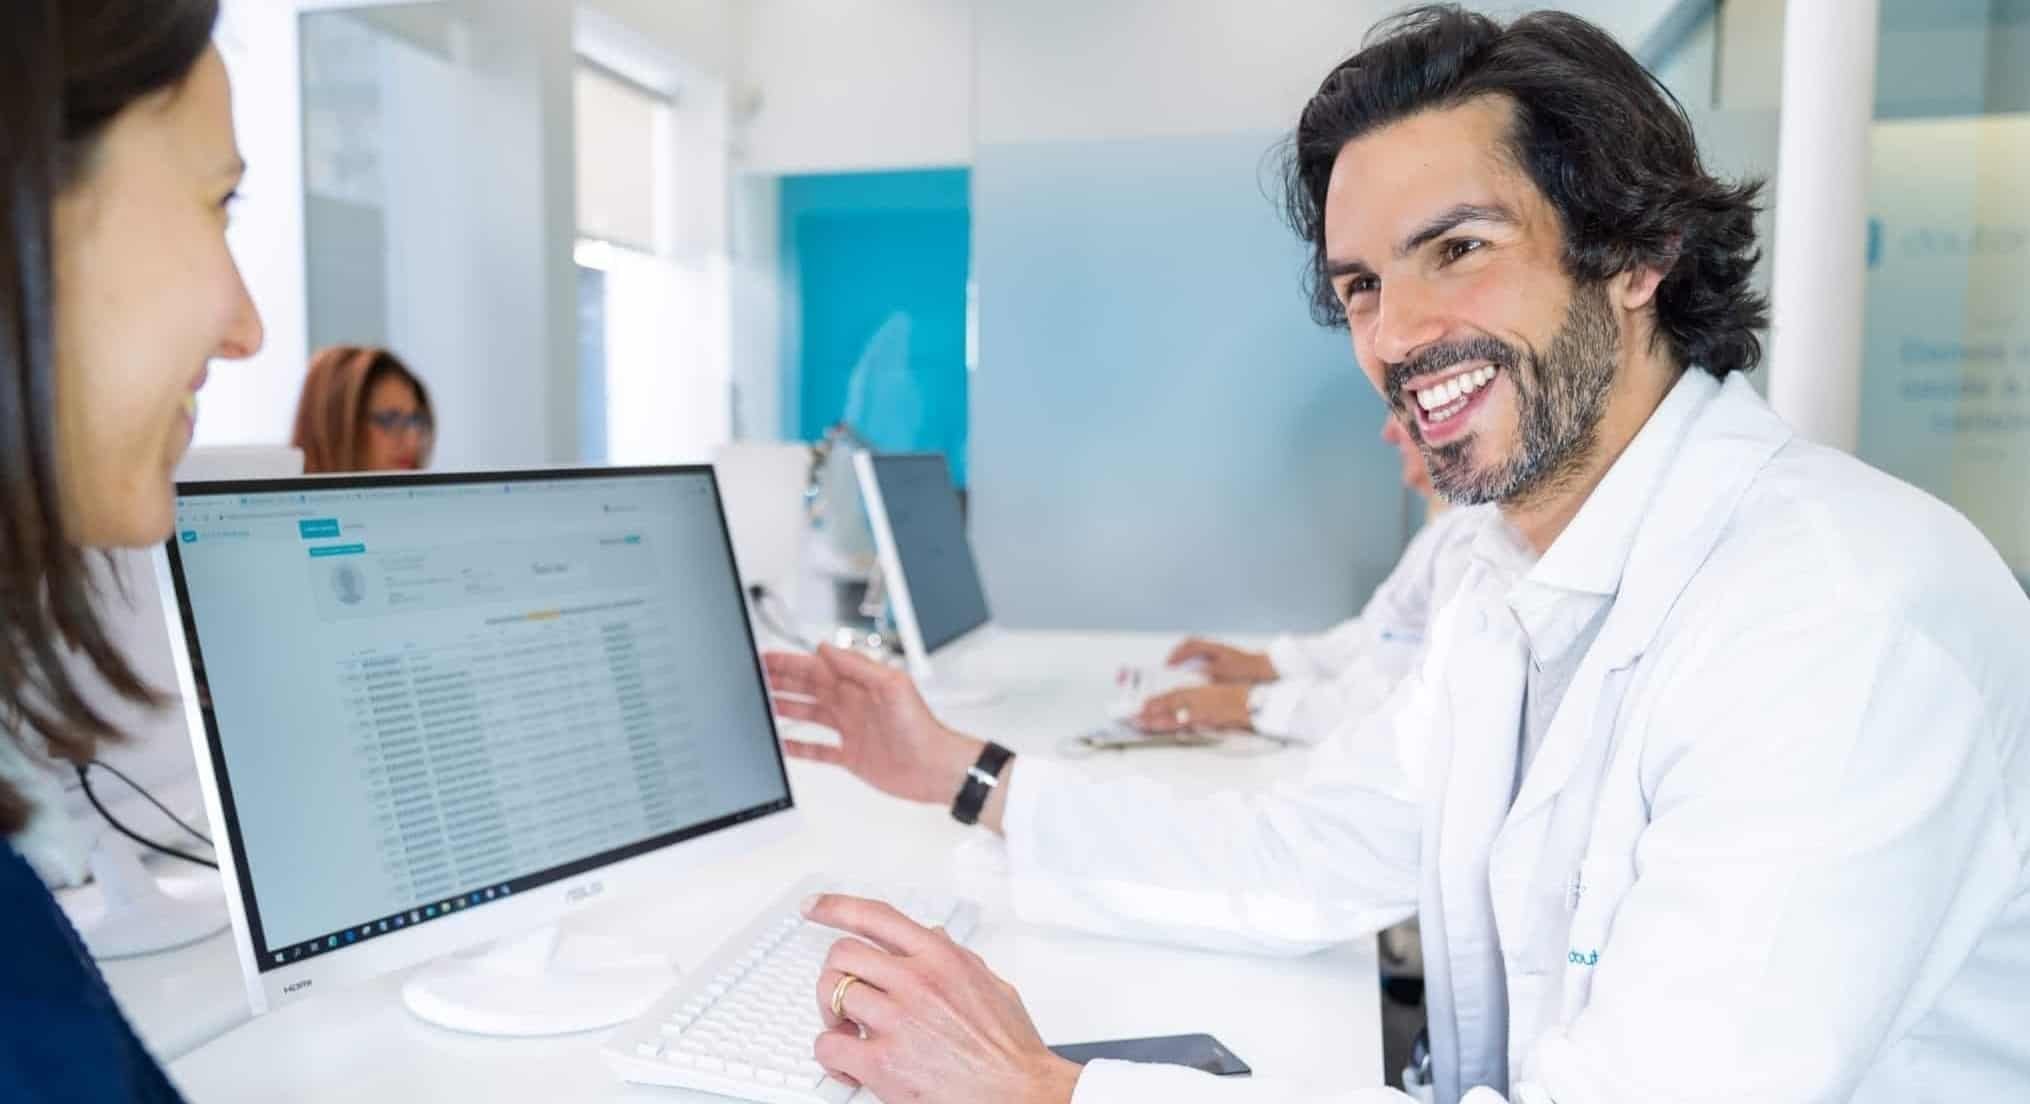 consultor doutor finanças a ajudar uma cliente